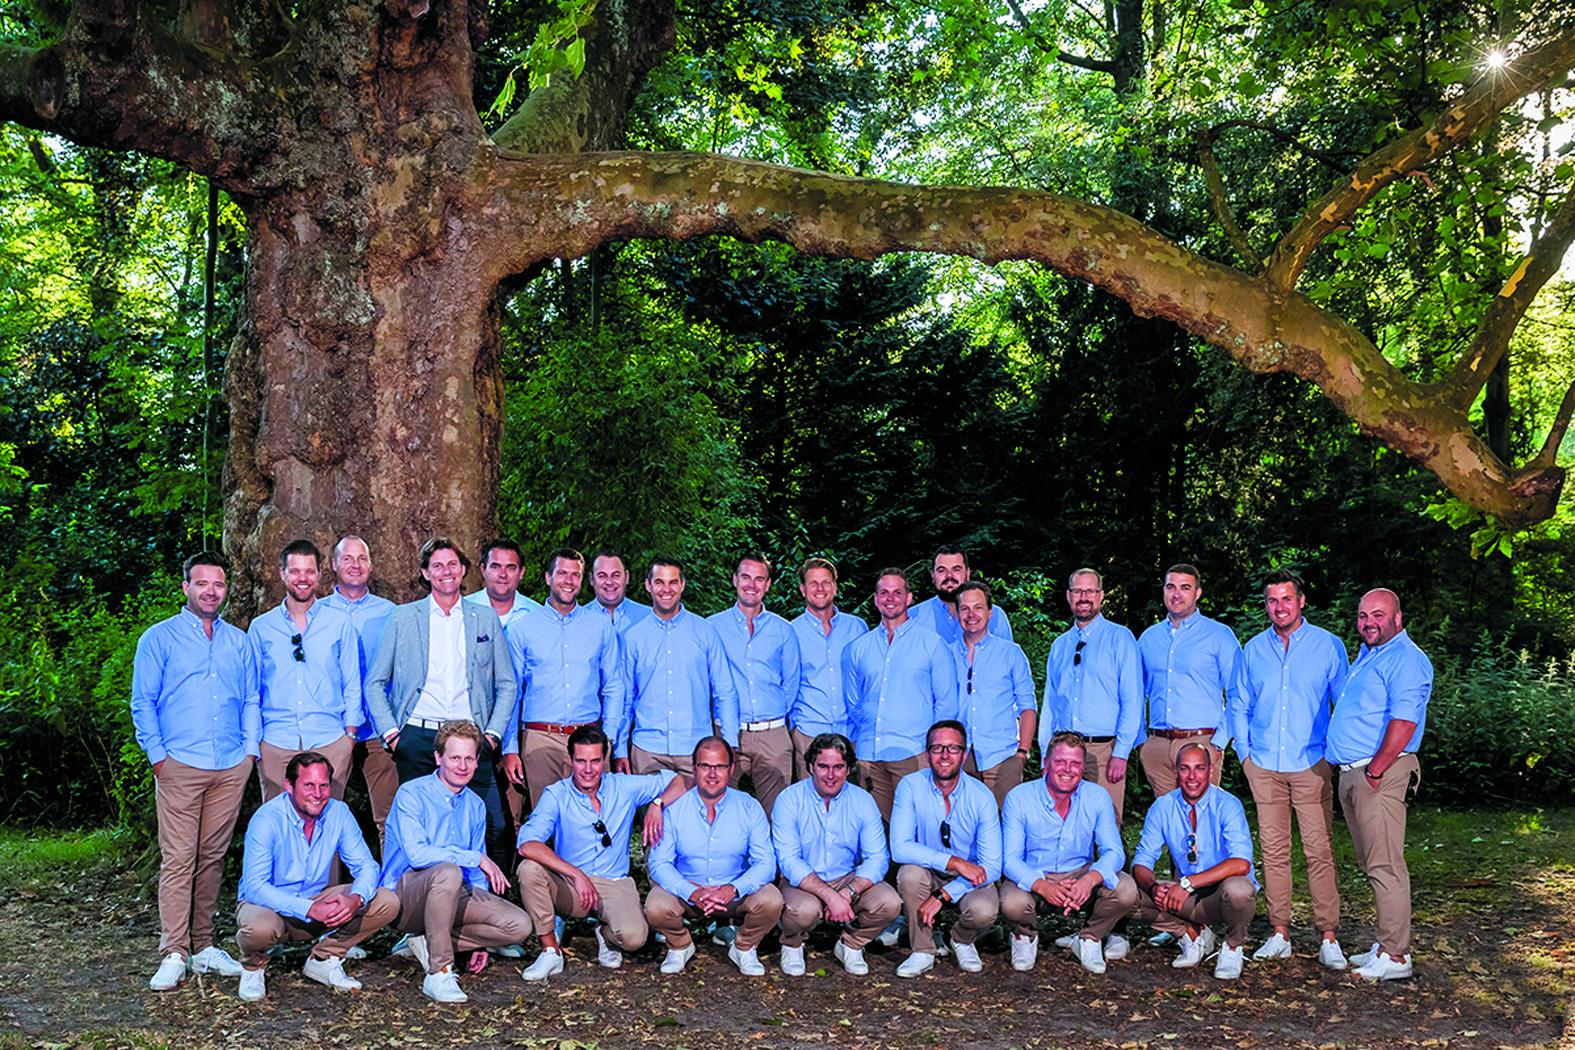 De mannen van Junior Chamber International (JCI) - gekleed door Strak in Pakken - is klaar voor Alkmaar Culinair Plaza. (Foto: Ed van de Pol)